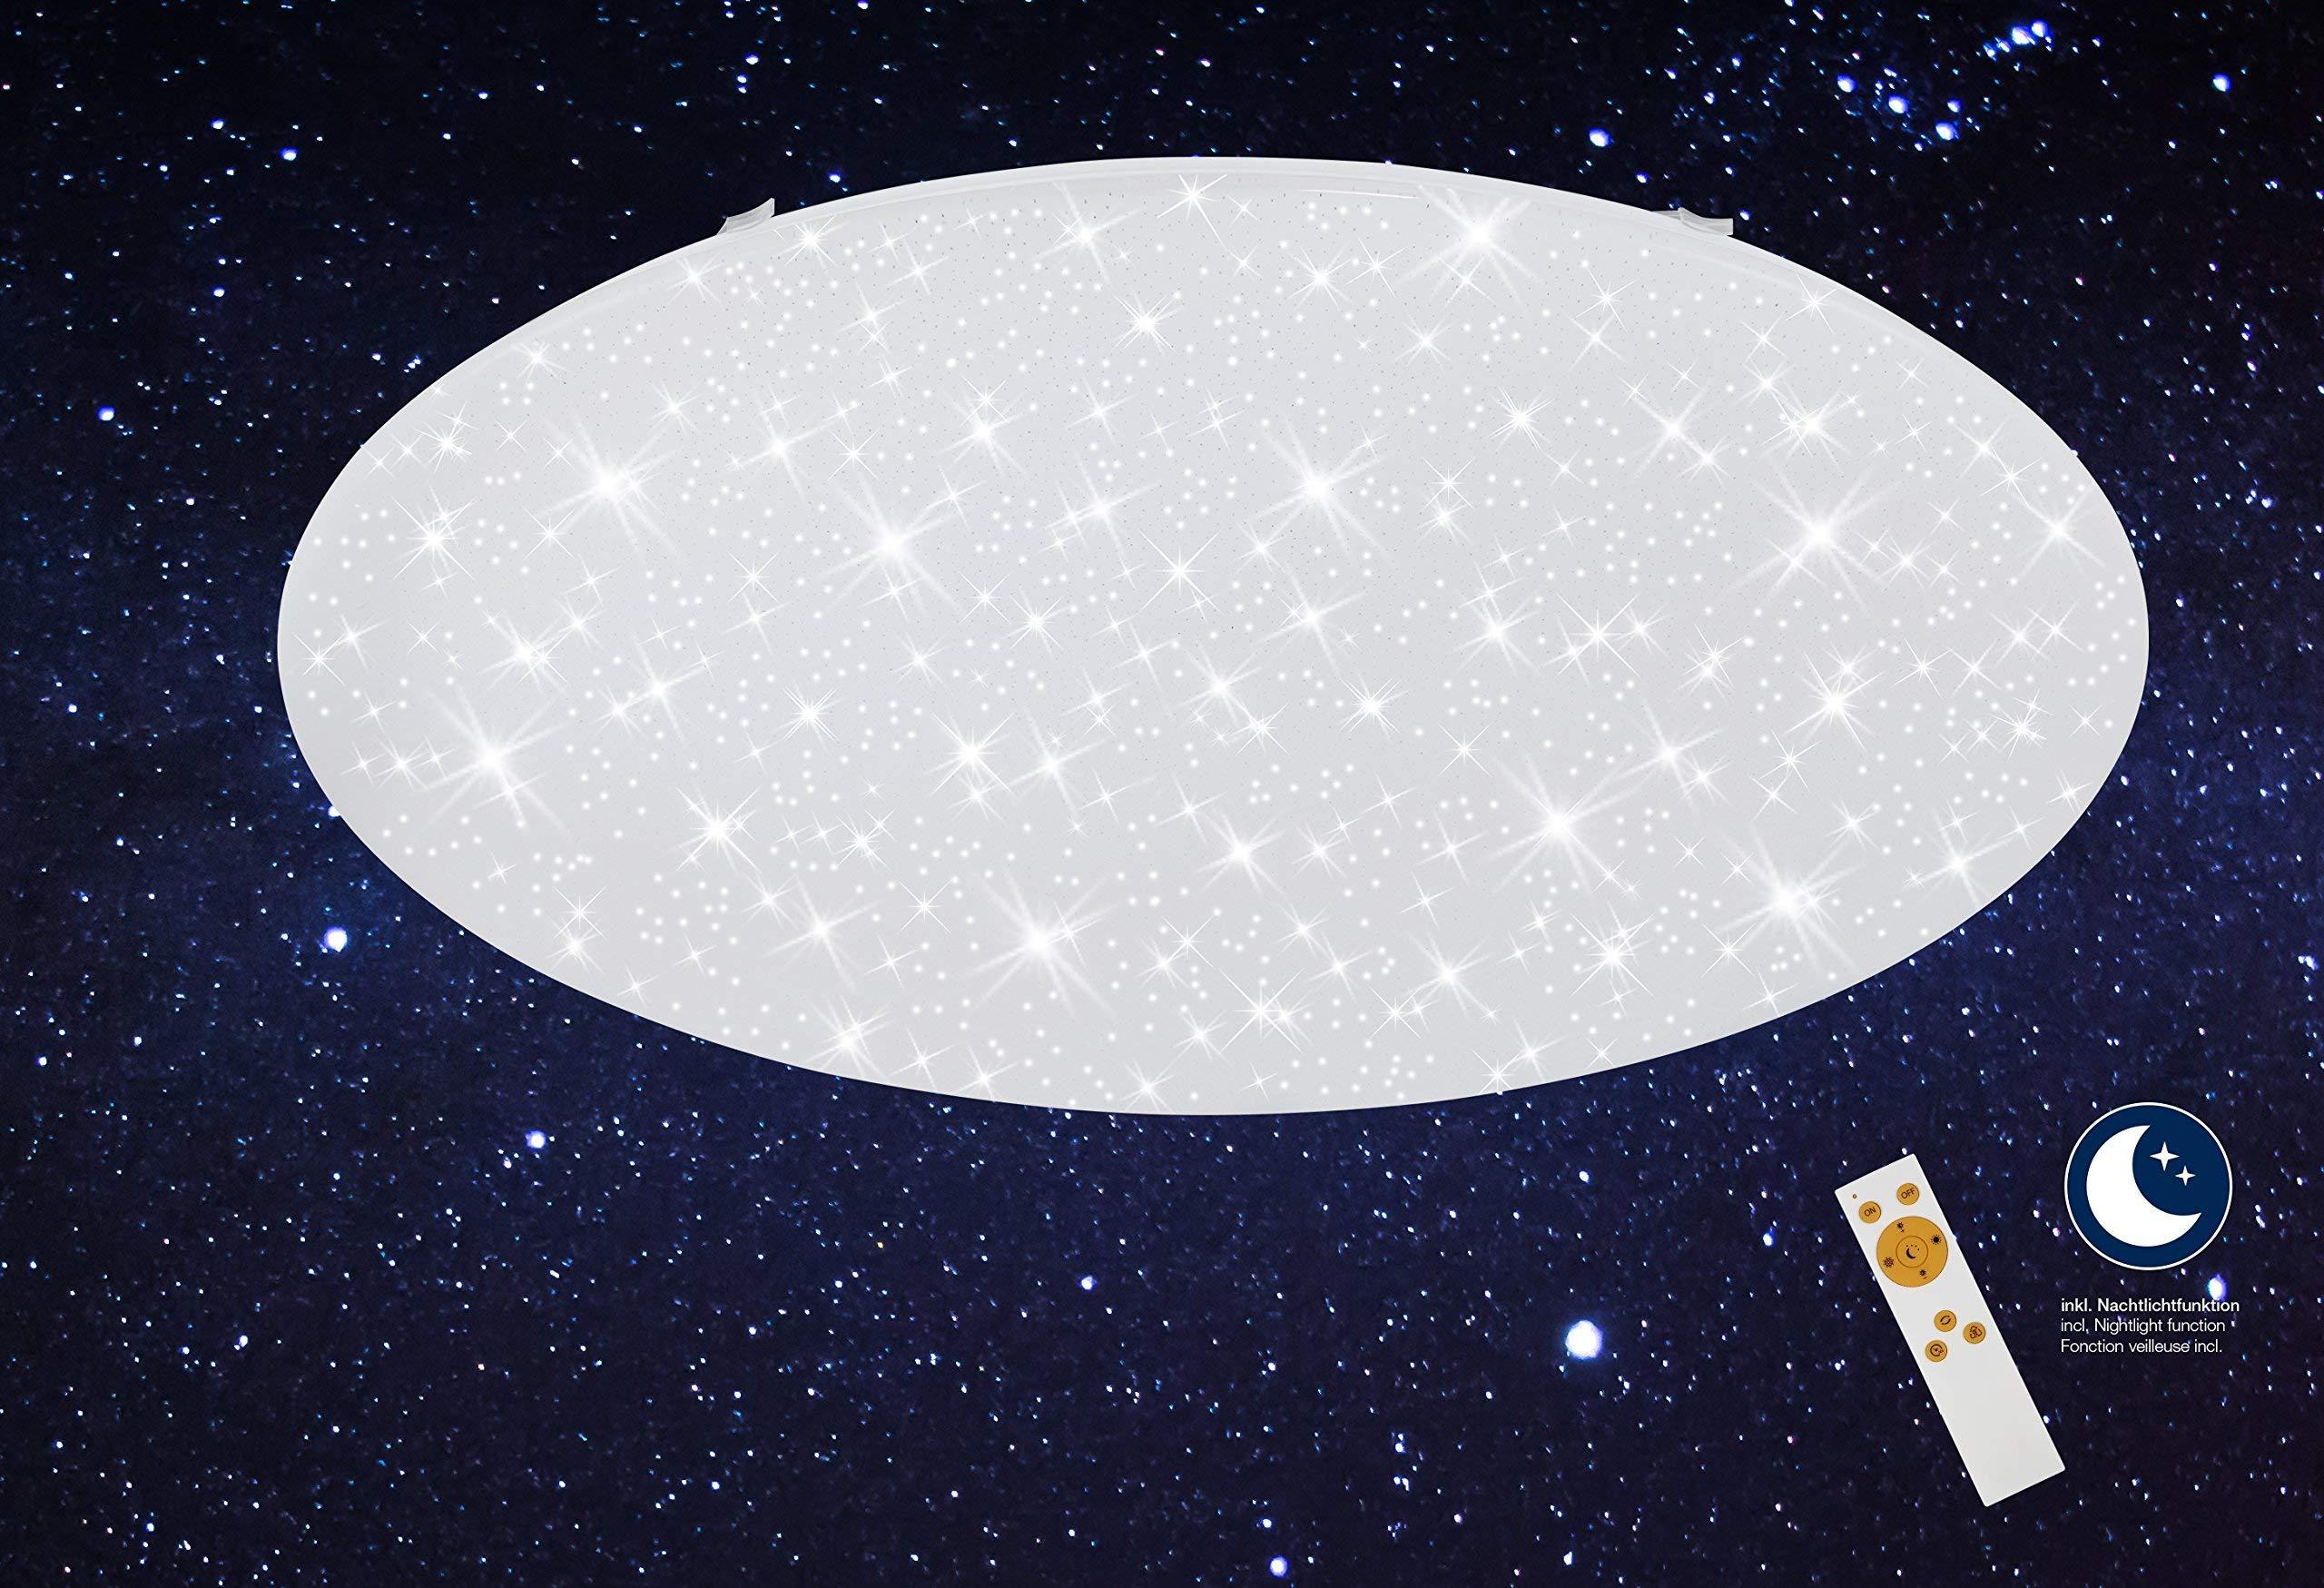 Briloner Leuchten Plafoniera a LED da soffitto – Dimmerabile, Design con Stelle, Regolazione della Temperatura di Colore con Telecomando, 48 Watt, 400 W, Bianco